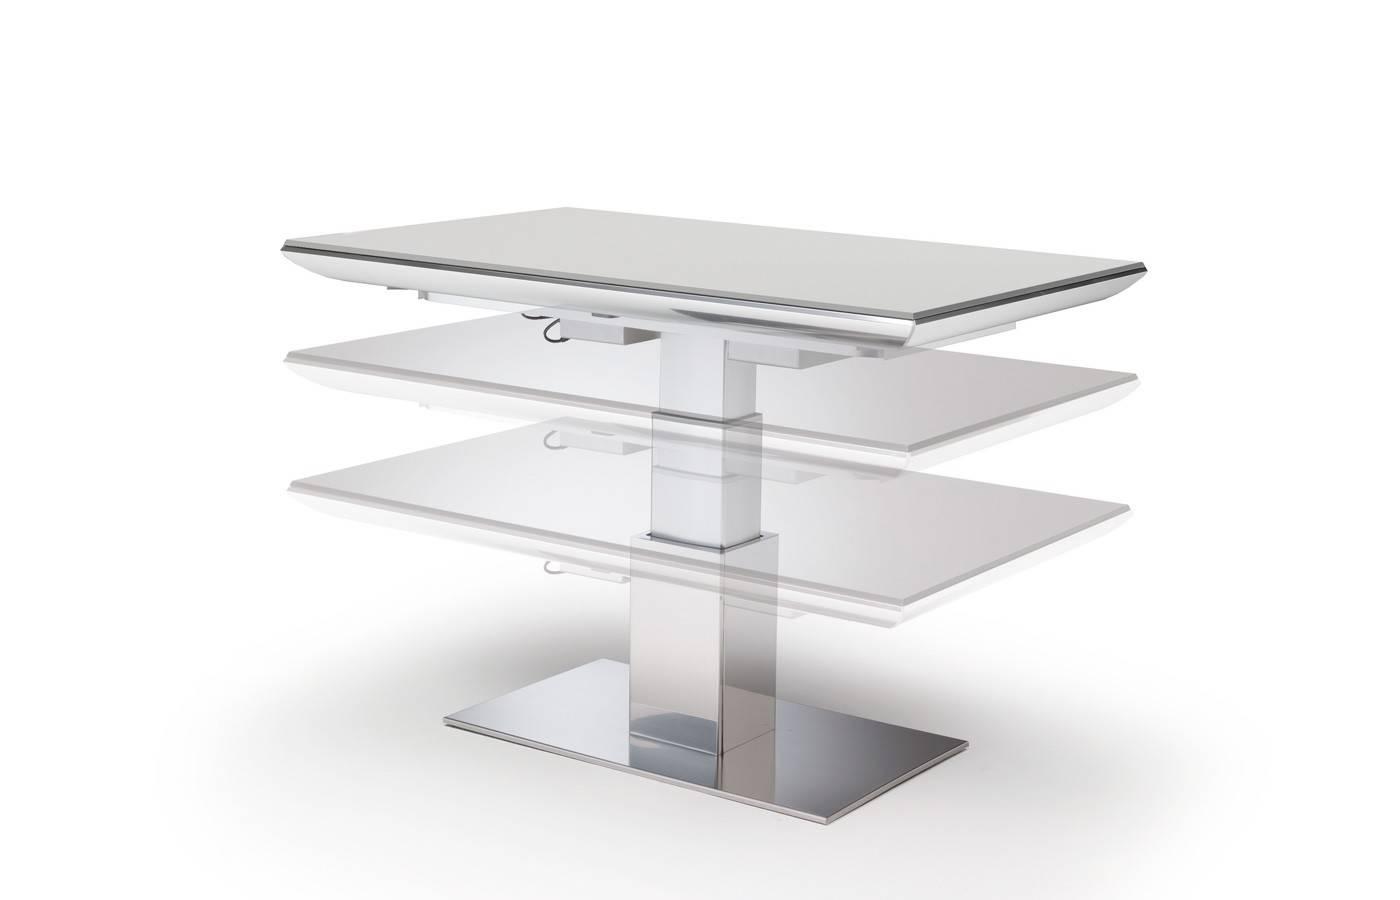 Mesa transformable e motion dismobel for Mesa comedor transformable